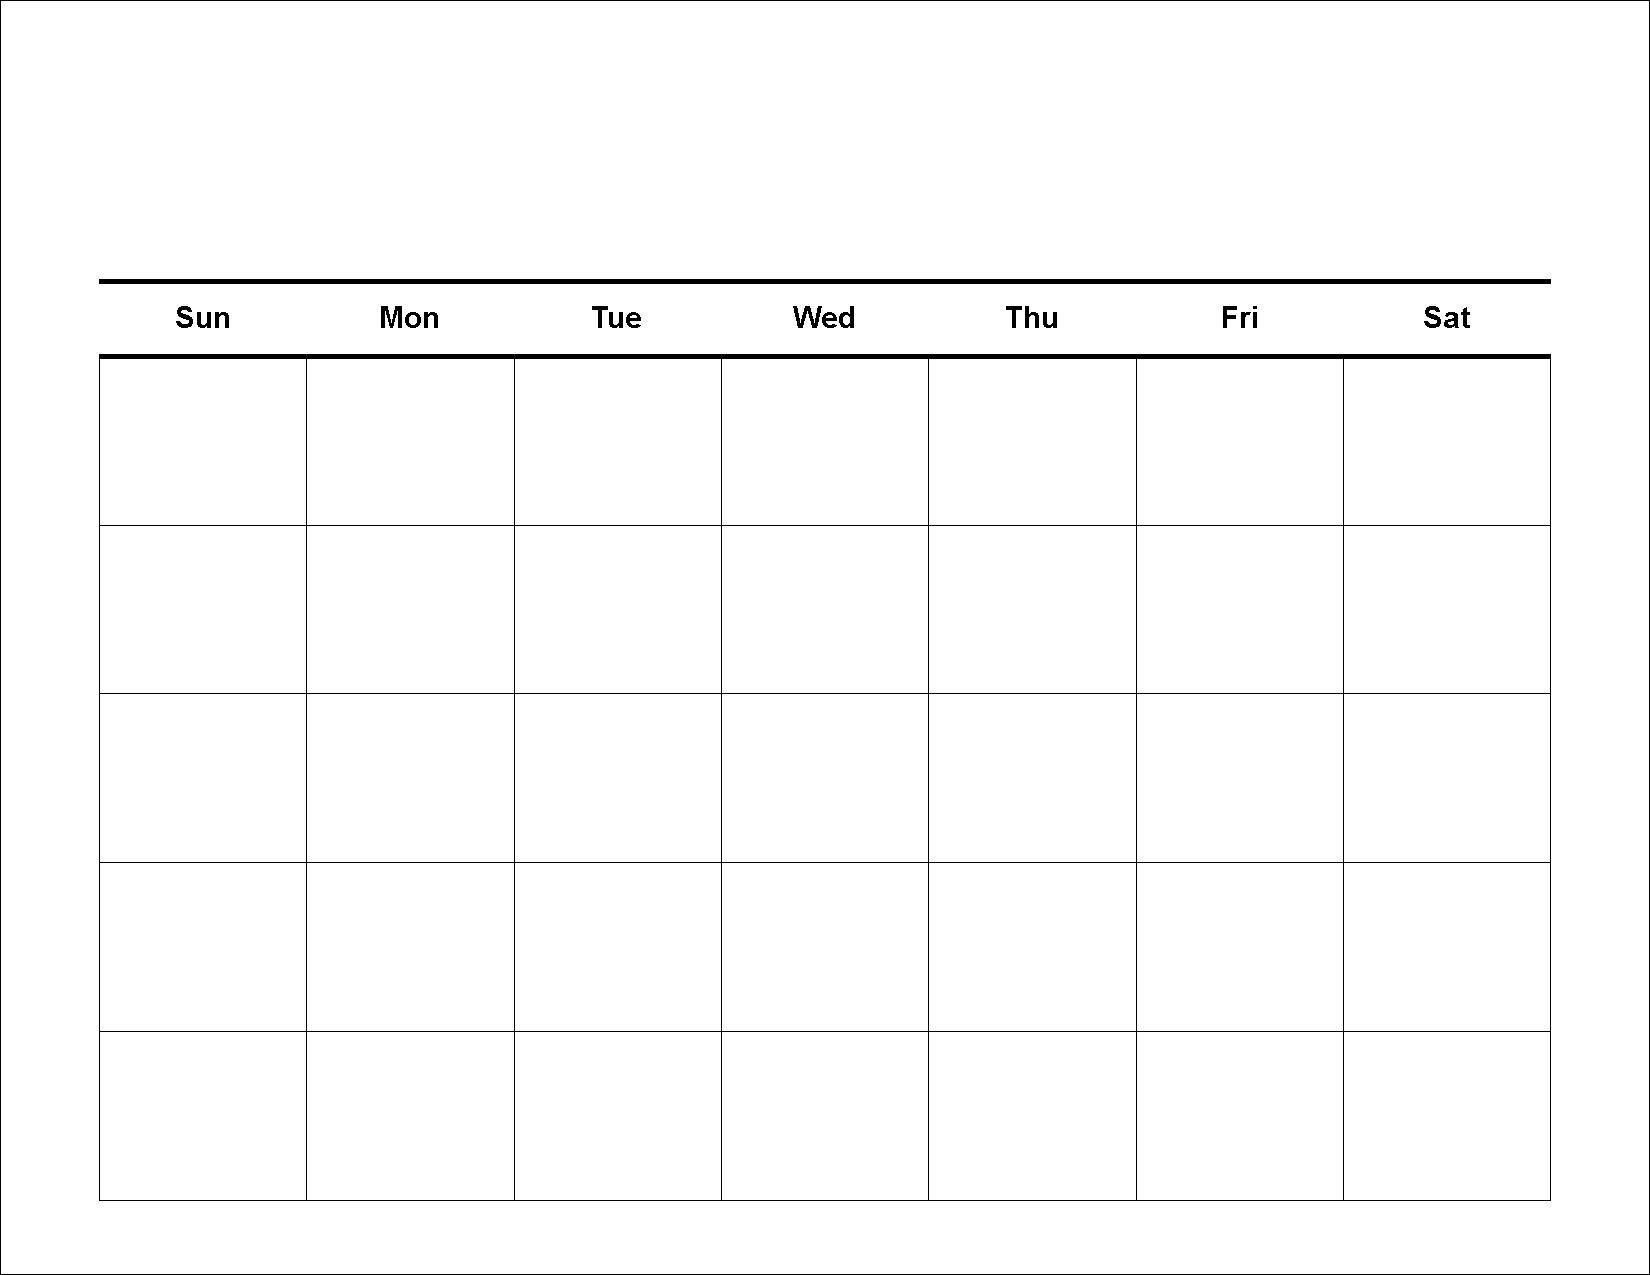 Free Two Week Calendar Template Printable Schedule Grid | Smorad throughout 2 Week Blank Calendar Template